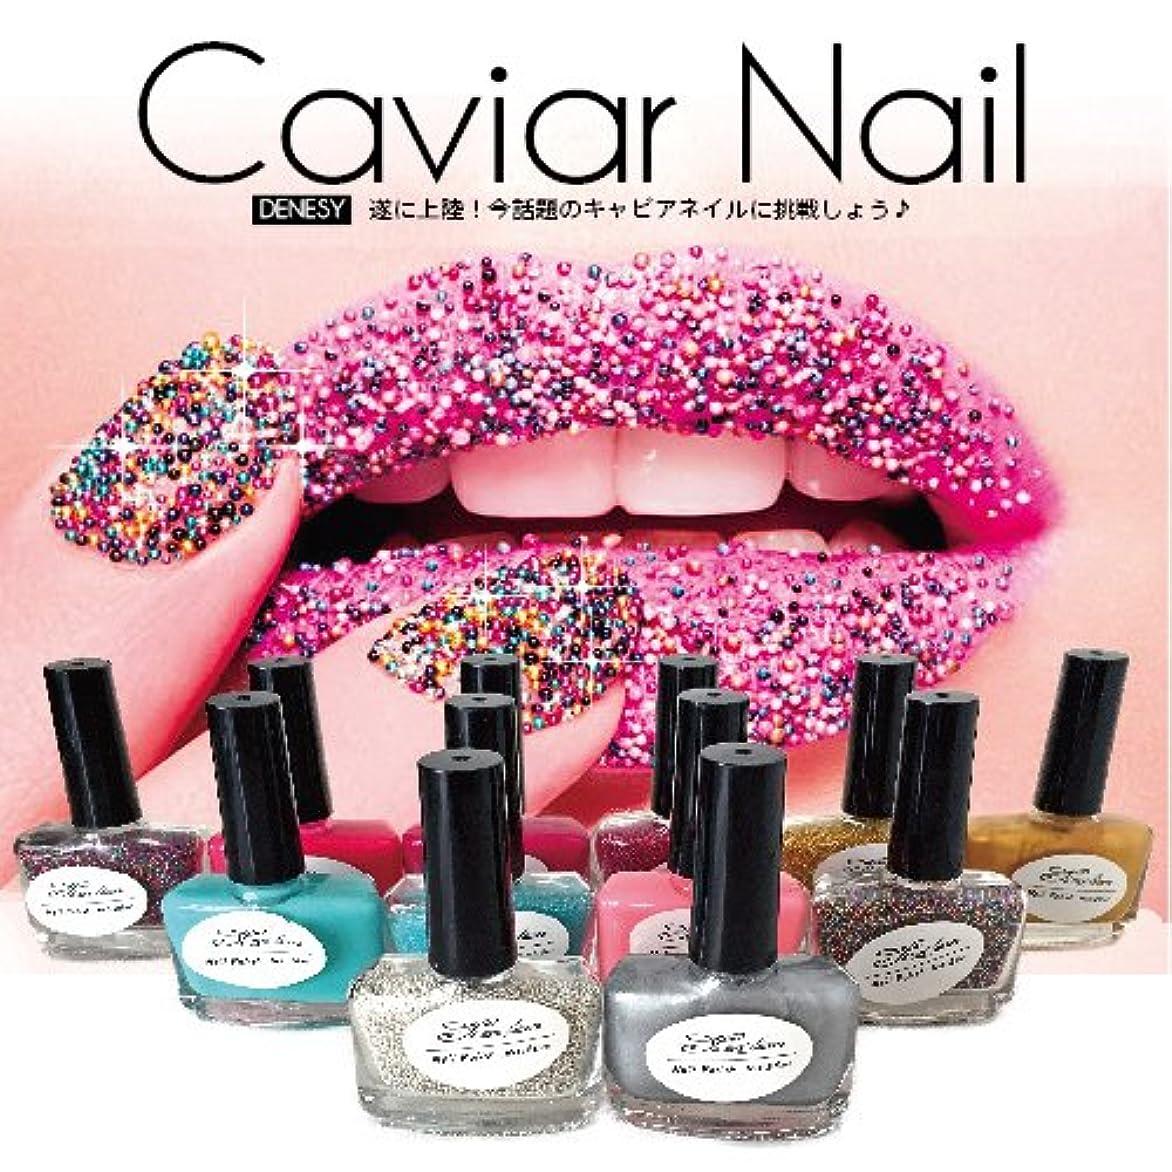 いくつかの登録する下線キャビアネイル DENESY Caviar Nail (3点セット)NEWリニューアル 08:グリーン [マニキュア ネイルカラー ネイルポリッシュ SHANTI Caviar Manicure kit]